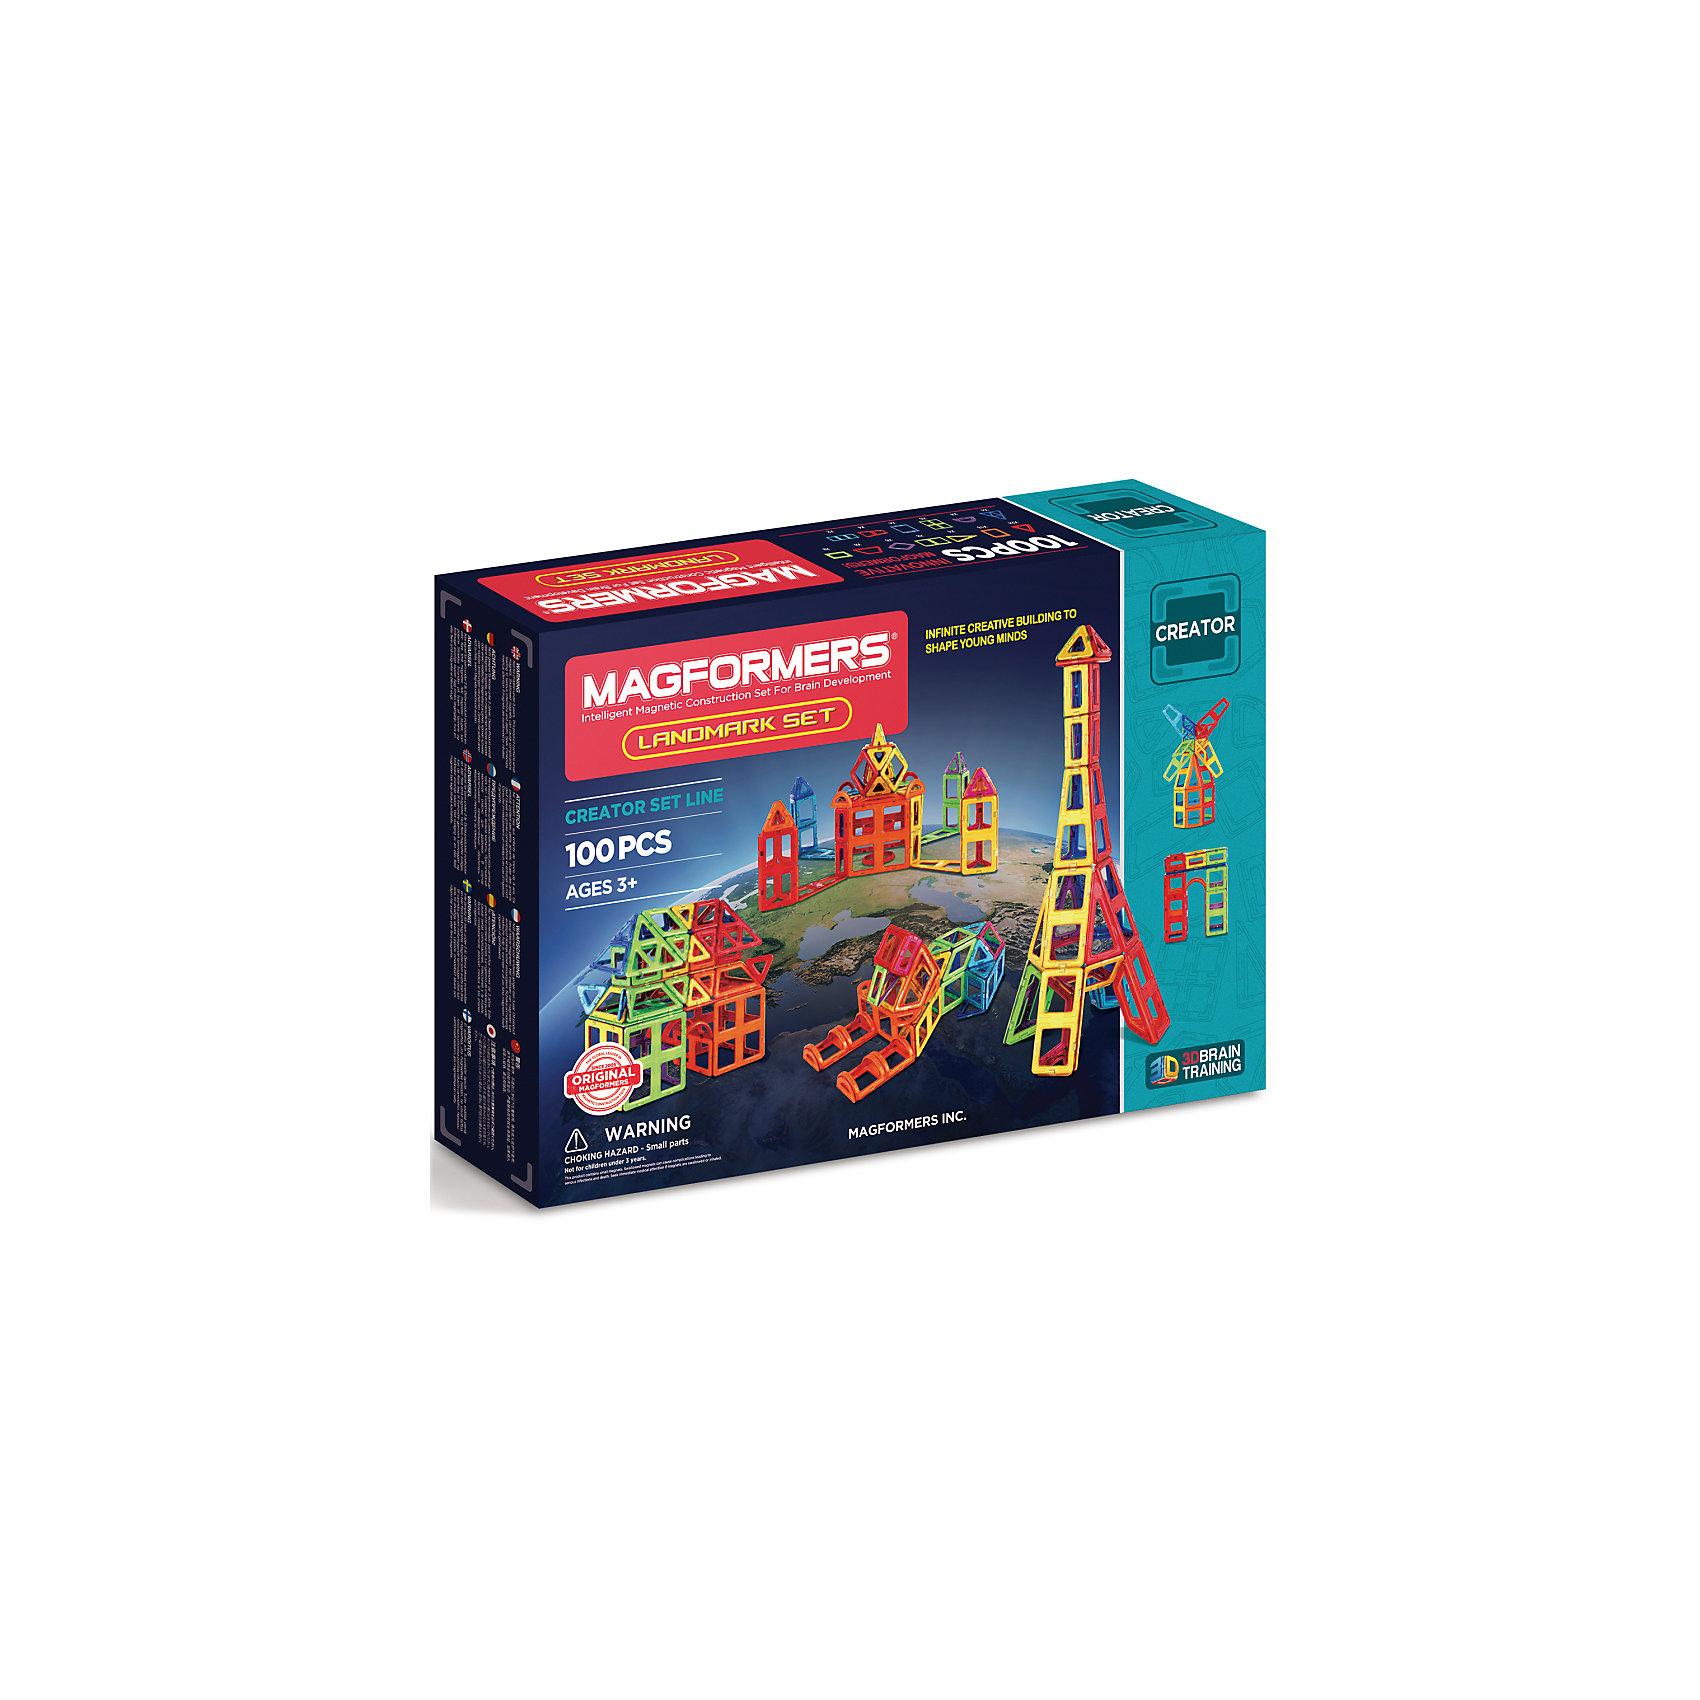 Магнитный конструктор 703008 Landmark set, MAGFORMERSМагнитные конструкторы<br>Характеристики товара:<br><br>• возраст: от 3 лет;<br>• материал: пластик;<br>• в комплекте: 100 деталей, инструкция;<br>• размер упаковки: 51х35х10 см;<br>• вес упаковки: 2,5 кг;<br>• страна производитель: Корея.<br><br>Магнитный конструктор Landmark set Magformers позволит детям построить разнообразные фигурки, башни, дома. Конструктор Magformers — удивительный конструктор, детали которого соединяются между собой благодаря магнитам. Магниты внутри элементов уже сделаны таким образом, что позволяют им присоединяться и поворачиваться друг к другу нужной стороной.<br><br>В набор входит инструкция, которая поможет малышам создать свои первые фигурки. Конструктор развивает у детей пространственное и логическое мышление, мелкую моторику рук, воображение и фантазию. Элементы выполнены из прочного качественного пластика.<br><br>Магнитный конструктор Landmark set Magformers можно приобрести в нашем интернет-магазине.<br><br>Ширина мм: 350<br>Глубина мм: 510<br>Высота мм: 100<br>Вес г: 2500<br>Возраст от месяцев: 36<br>Возраст до месяцев: 2147483647<br>Пол: Унисекс<br>Возраст: Детский<br>SKU: 6881970